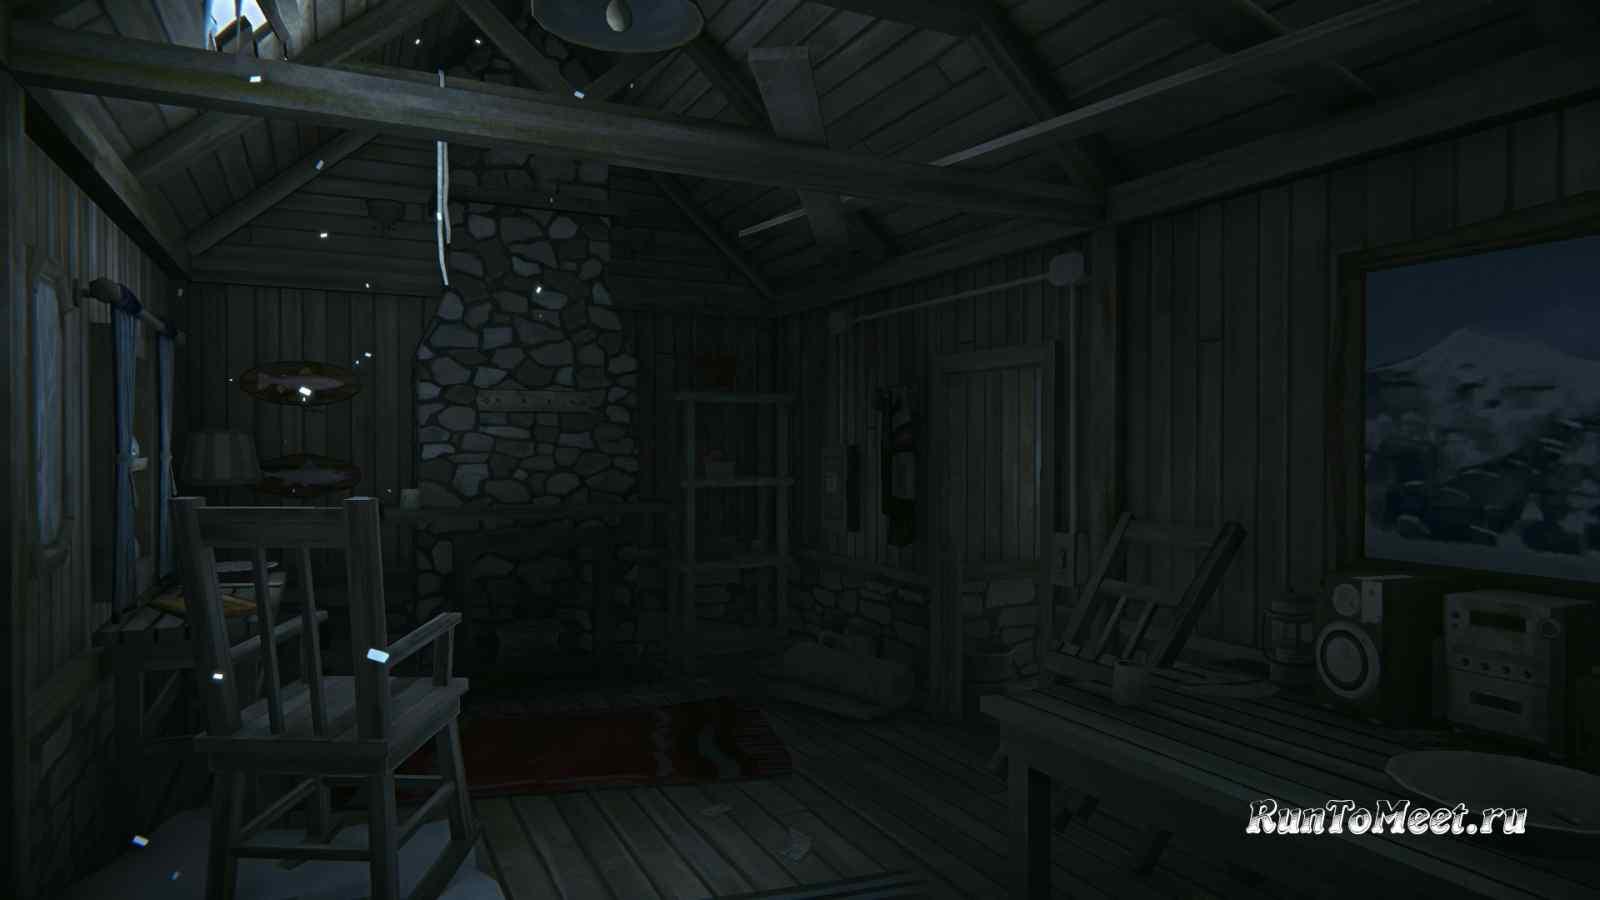 Интерьер дома, возле Нижних водопадов Ворона, на Бледной бухте, в игре The long dark